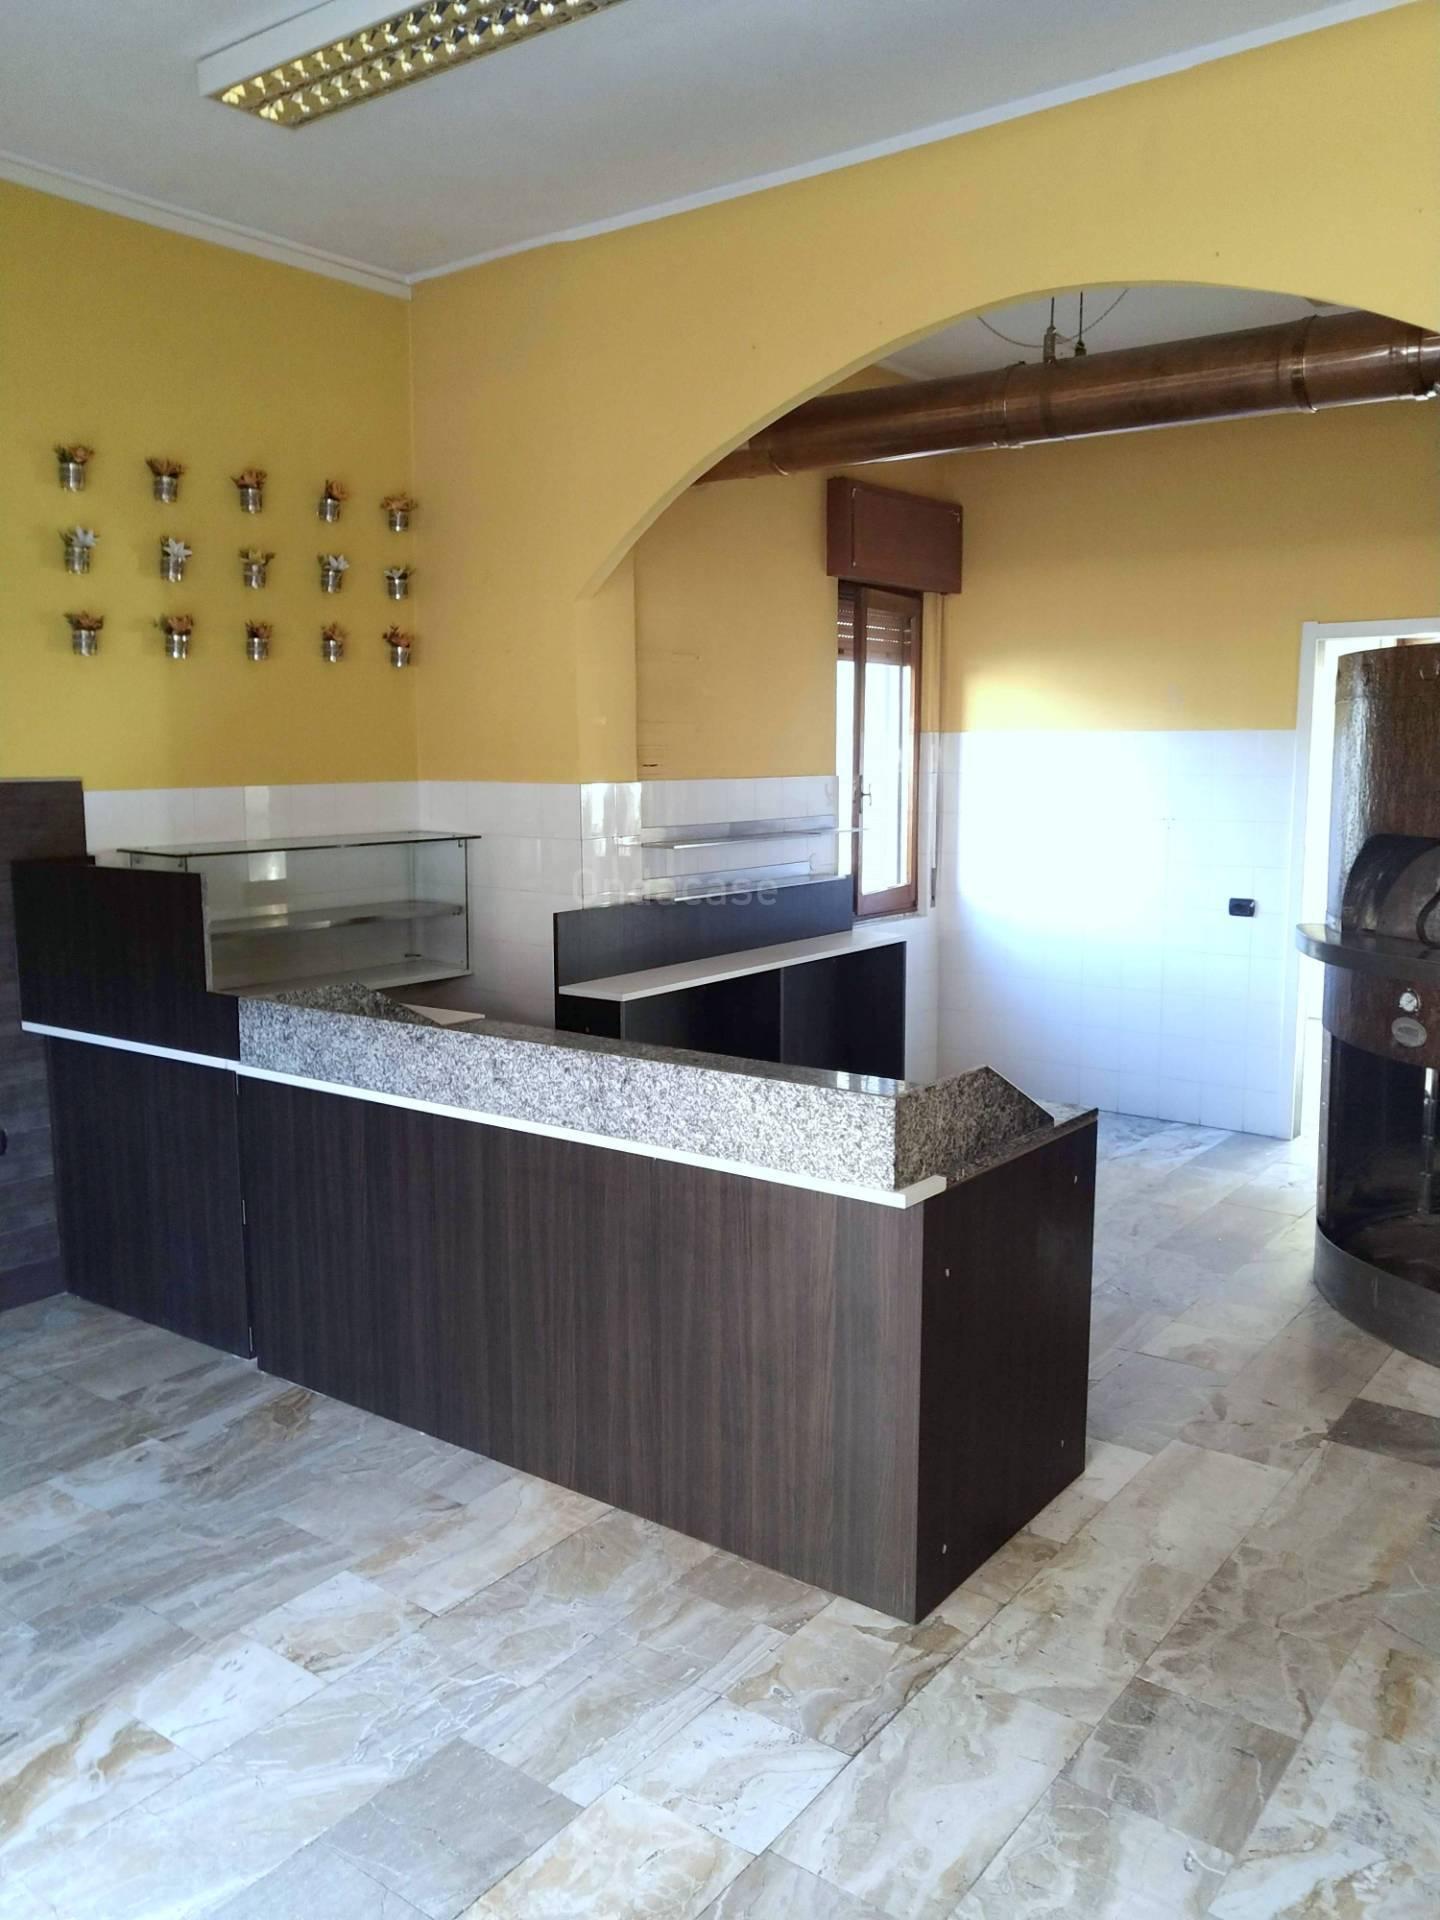 Negozio / Locale in affitto a Brembate, 9999 locali, prezzo € 550 | CambioCasa.it